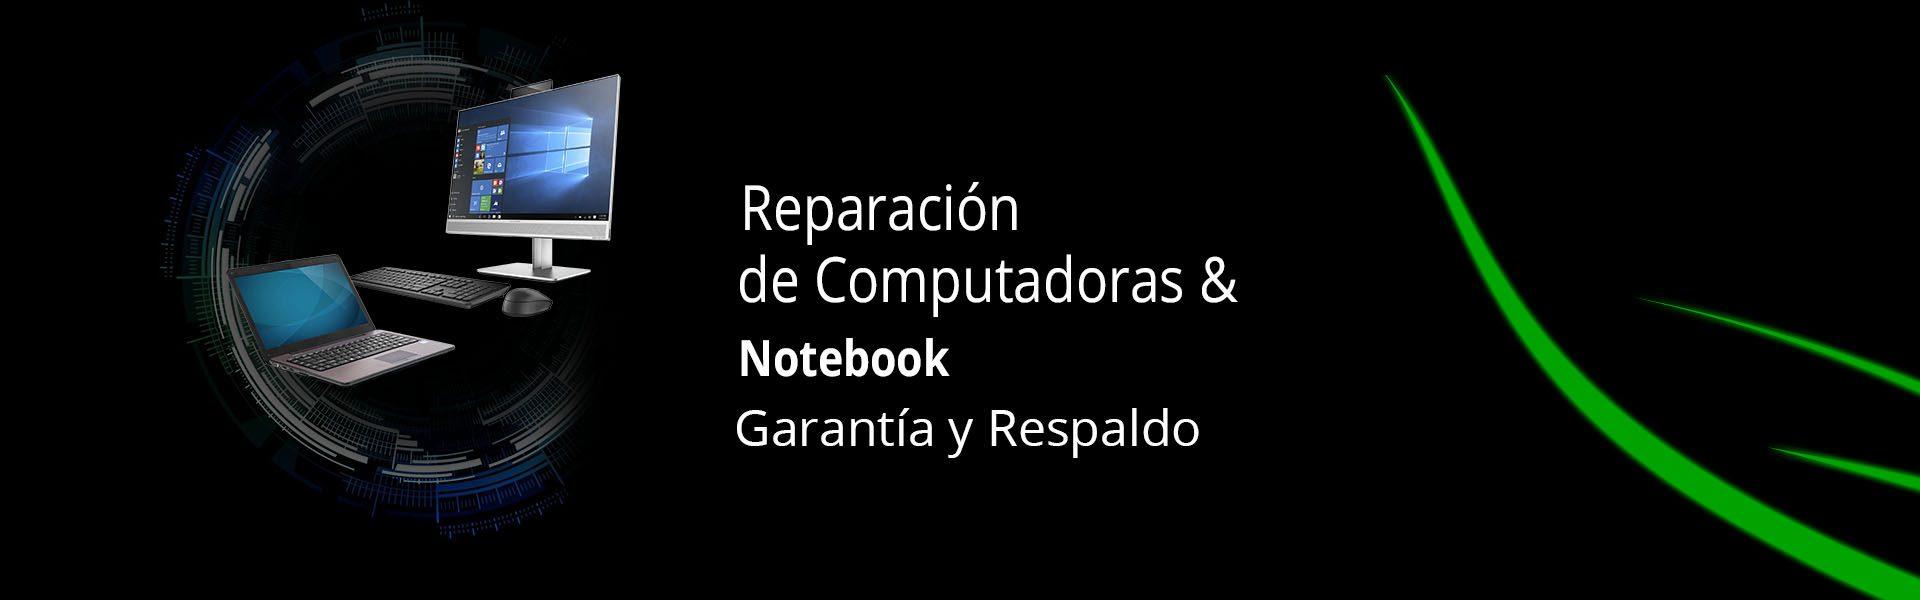 SLIDE_REPARA